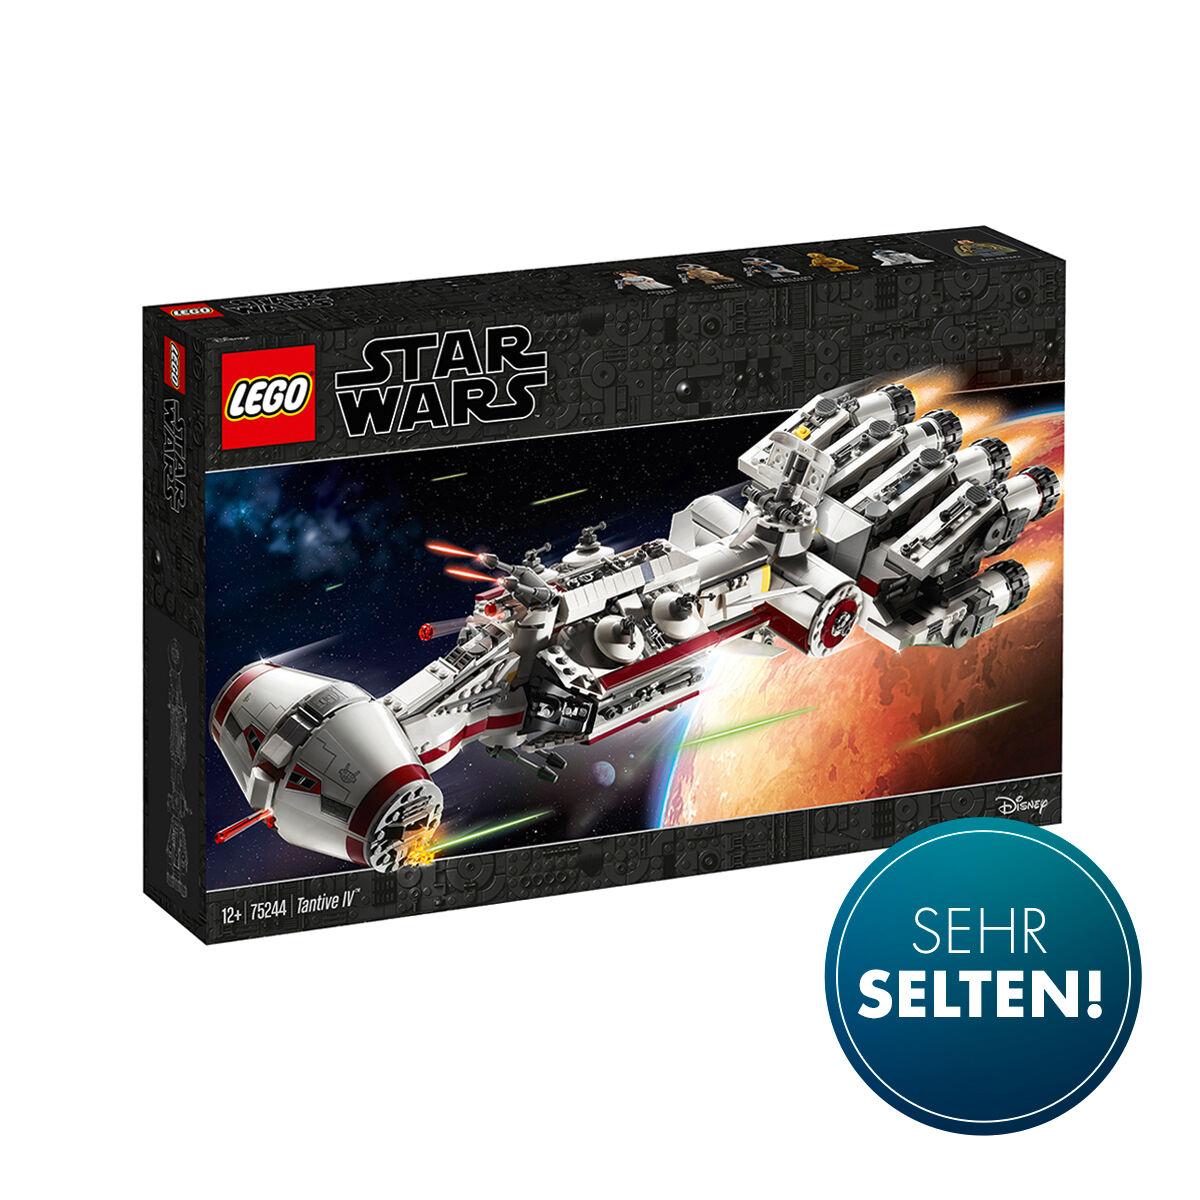 Star Wars™ 75244 Tantive IV - für 169,99 bzw. 155,71 mit Shoop sowie 75192 Millenium Falcon für 637,49 bzw. 583,92